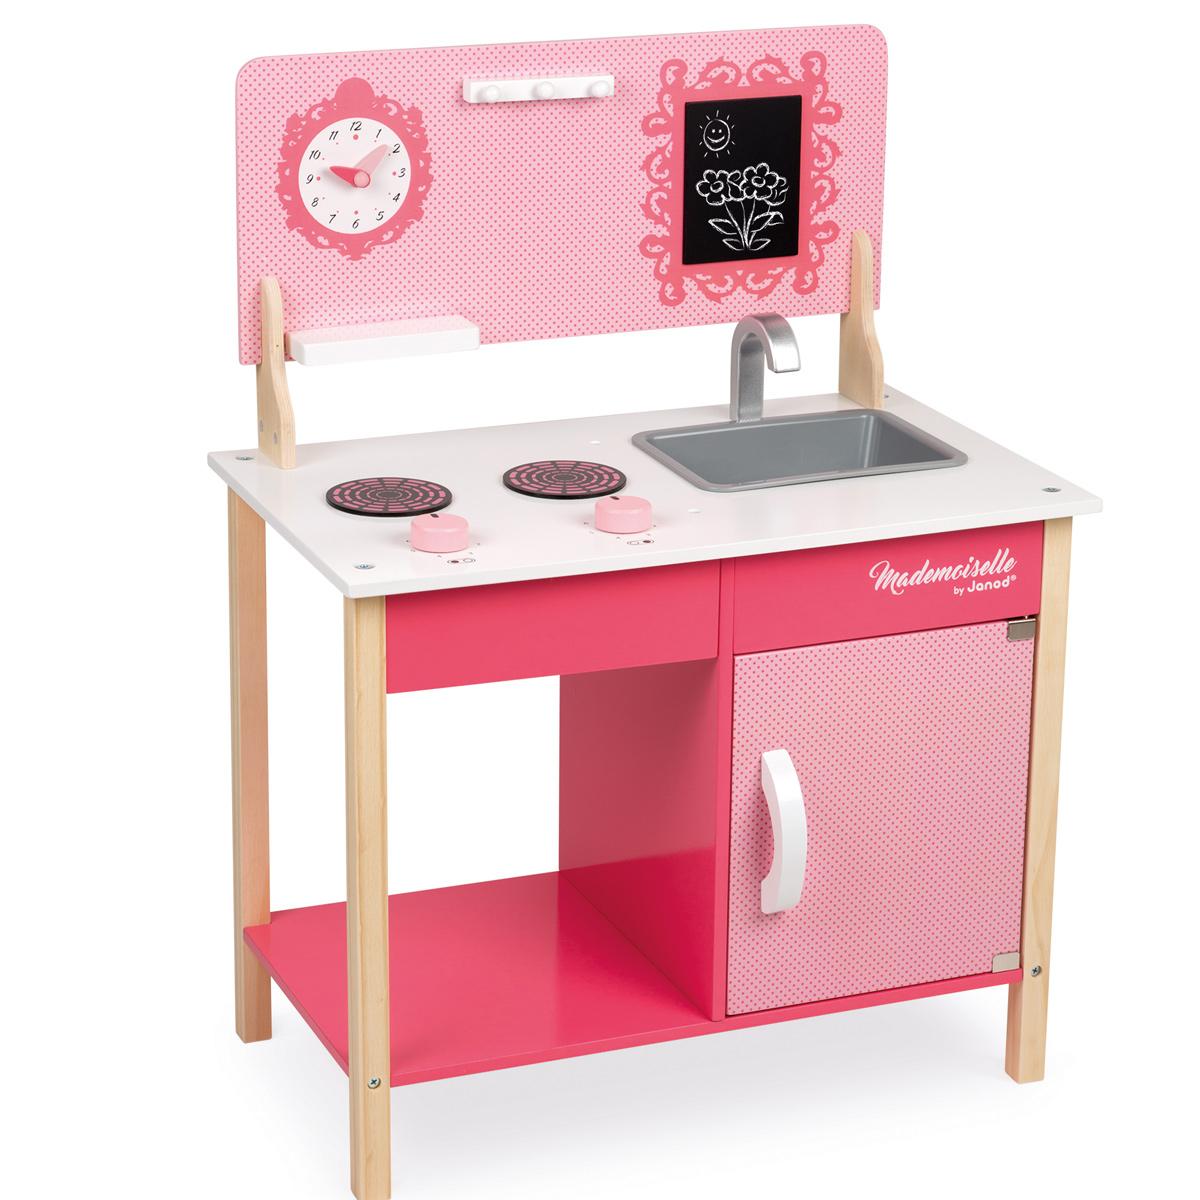 Janod Moja Pierwsza Mała Kuchnia Mademoiselle